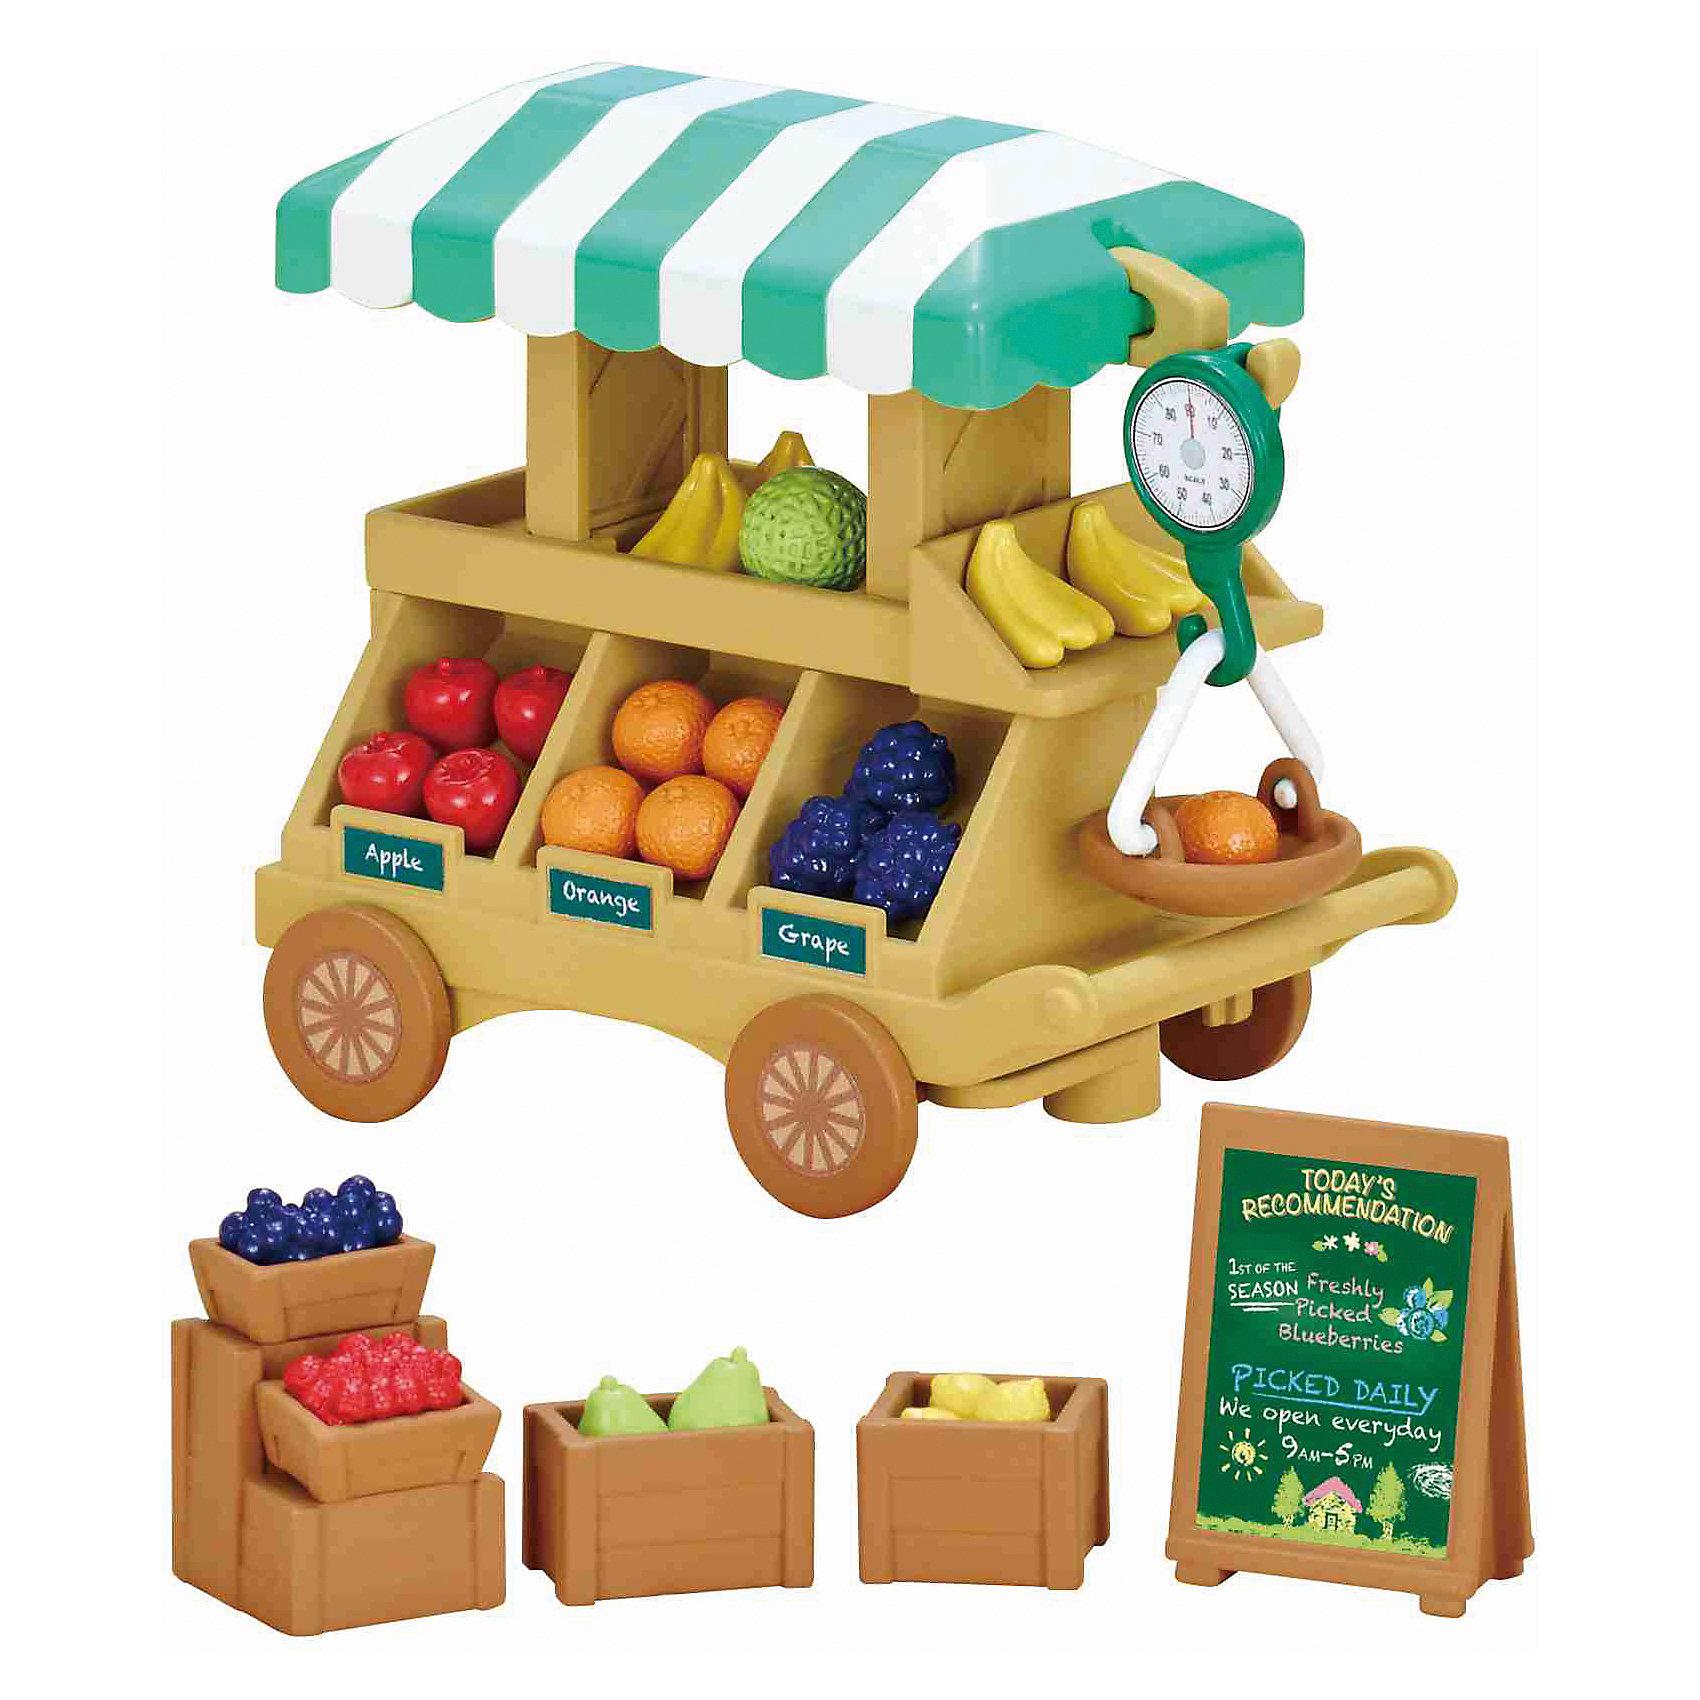 Набор Тележка с фруктами, Sylvanian FamiliesSylvanian Families<br>Набор Тележка с фруктами, Sylvanian Families.<br><br>Характеристики:<br><br>• Для детей от 4<br>• В наборе: тележка, фрукты, ящики для фруктов, весы, прилавок, доска для рекламы<br>• Количество предметов: 30<br>• Материал: пластик<br>• Размер упаковки: 12,3х13х7,5 см.<br><br>Набор Тележка с фруктами, Sylvanian Families привлечет внимание вашей девочки и не позволит ей скучать. Набор включает в себя передвижную тележку с тентом на вращающихся колесах, 9 различных видов фруктов, ящики для фруктов, доску для рекламы, весы, выносной прилавок, на который можно поставить два ящика с фруктам. Ваша малышка будет часами играть с набором, придумывая различные истории. Набор изготовлен из высококачественных гипоаллергенных материалов.<br><br>Sylvanian Families - это целый мир маленьких жителей, объединенных общей легендой. Жители страны Sylvanian Families - это кролики, белки, медведи, лисы и многие другие. У каждого из них есть дом, в котором есть все необходимое для счастливой жизни. <br><br>В городе, где живут герои, есть школа, больница, рынок, пекарня, детский сад и множество других полезных объектов. Жители этой страны живут семьями, в каждой из которой есть дети. В домах Sylvanian Families царит уют и гармония. Здесь продумана каждая мелочь, от одежды до мебели и аксессуаров.<br><br>Набор Тележка с фруктами, Sylvanian Families можно купить в нашем интернет-магазине.<br><br>Ширина мм: 123<br>Глубина мм: 75<br>Высота мм: 130<br>Вес г: 198<br>Возраст от месяцев: 48<br>Возраст до месяцев: 96<br>Пол: Женский<br>Возраст: Детский<br>SKU: 5479450